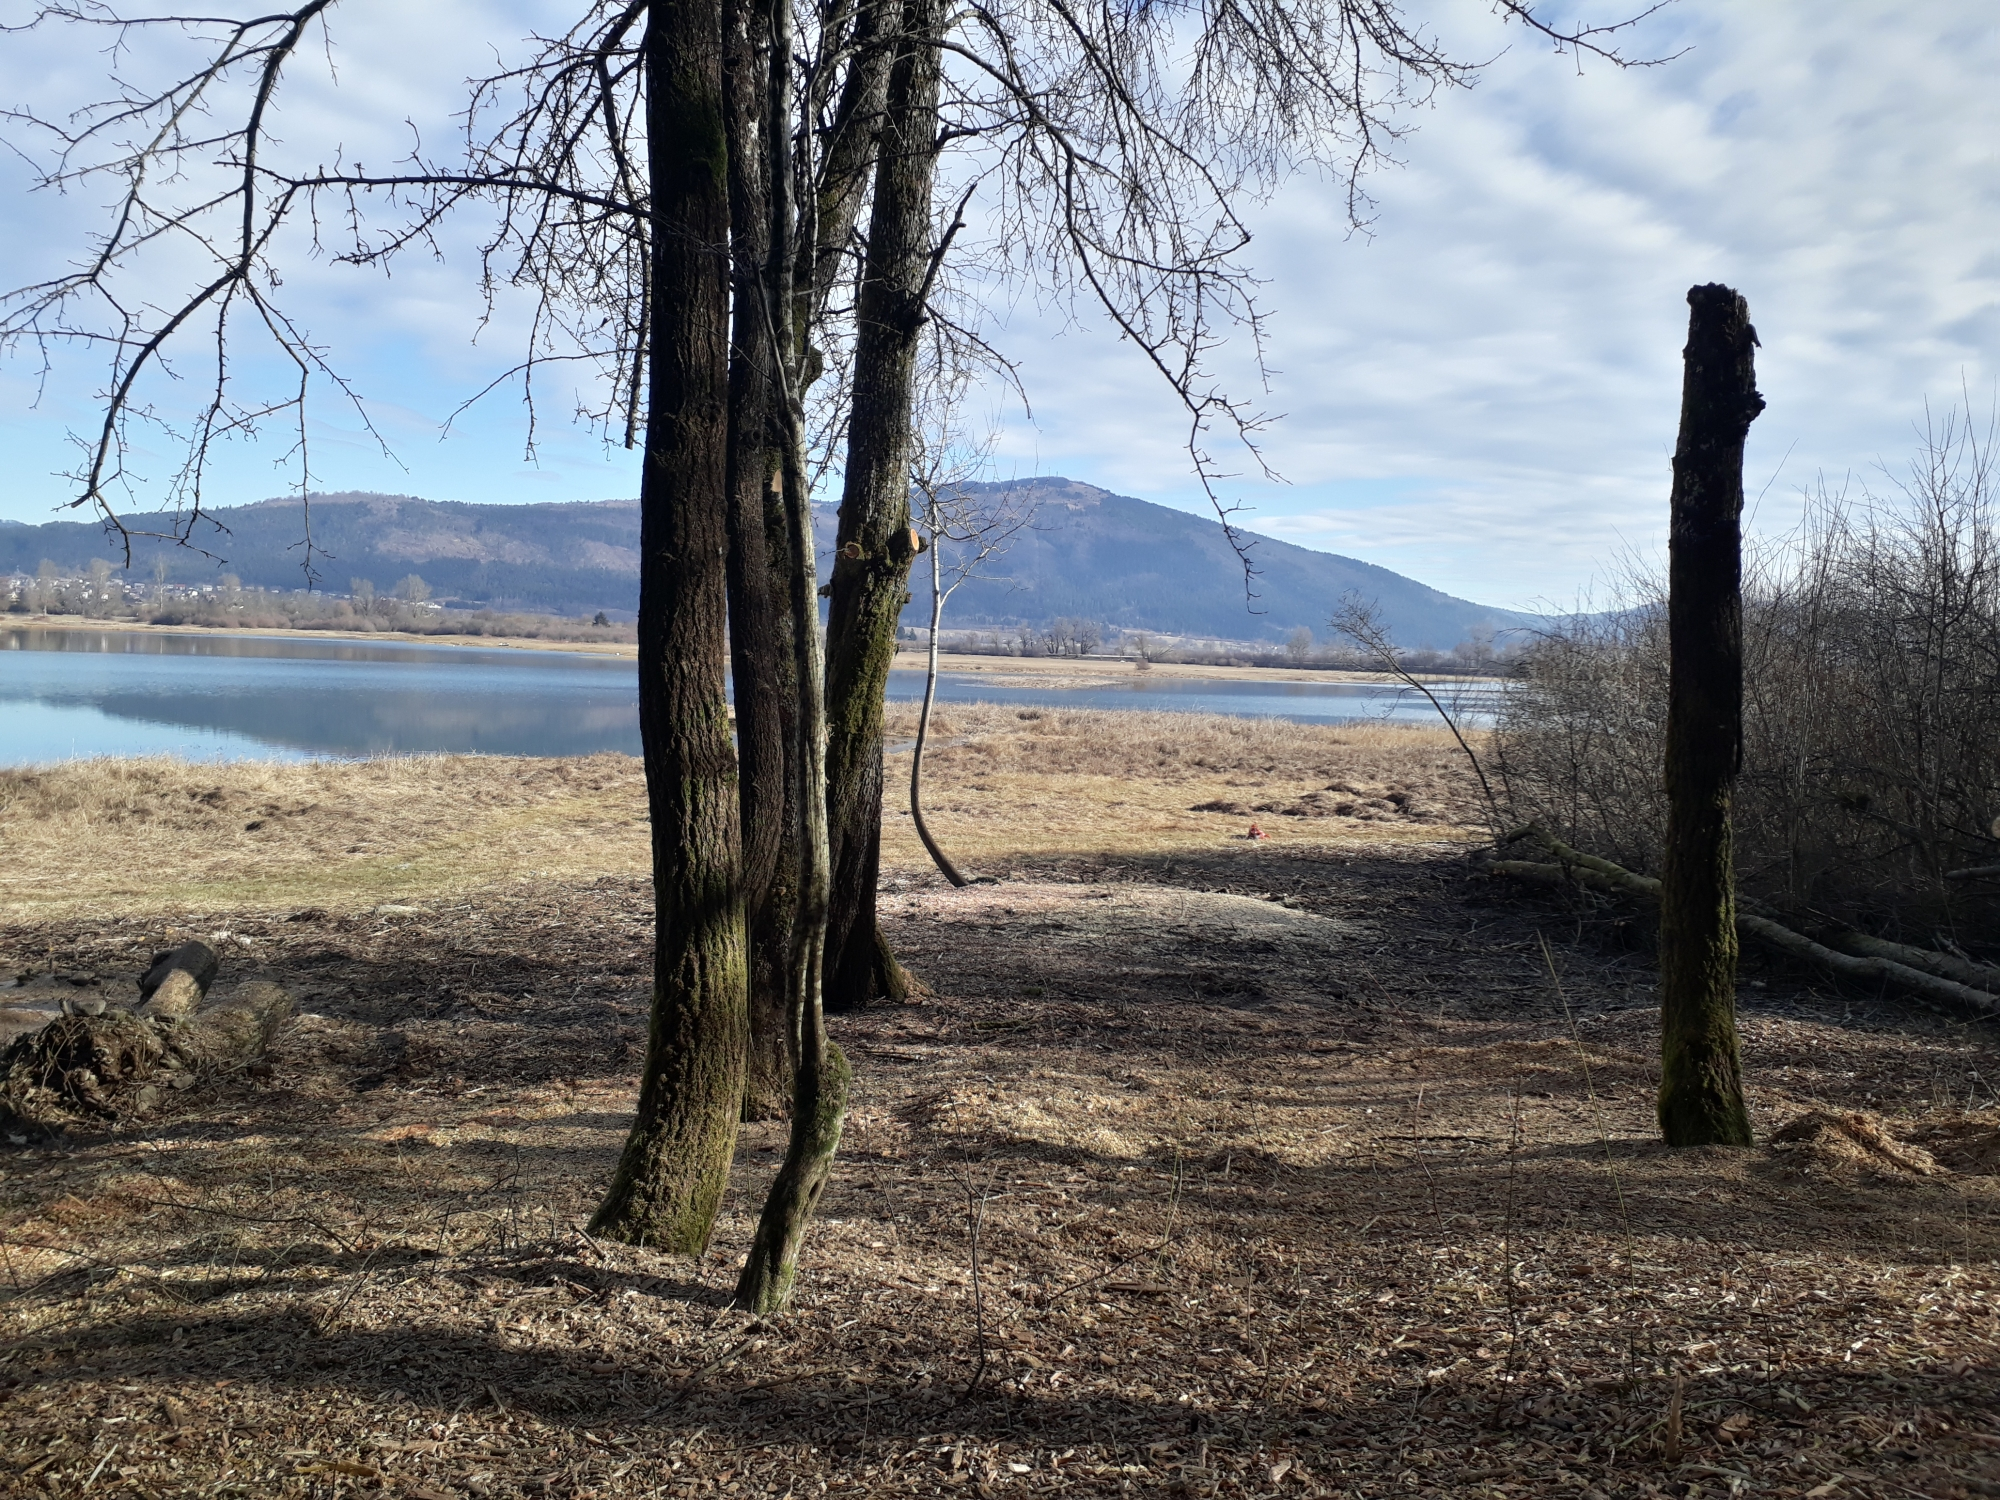 Spet odprt pogled na jezero in Slivnico